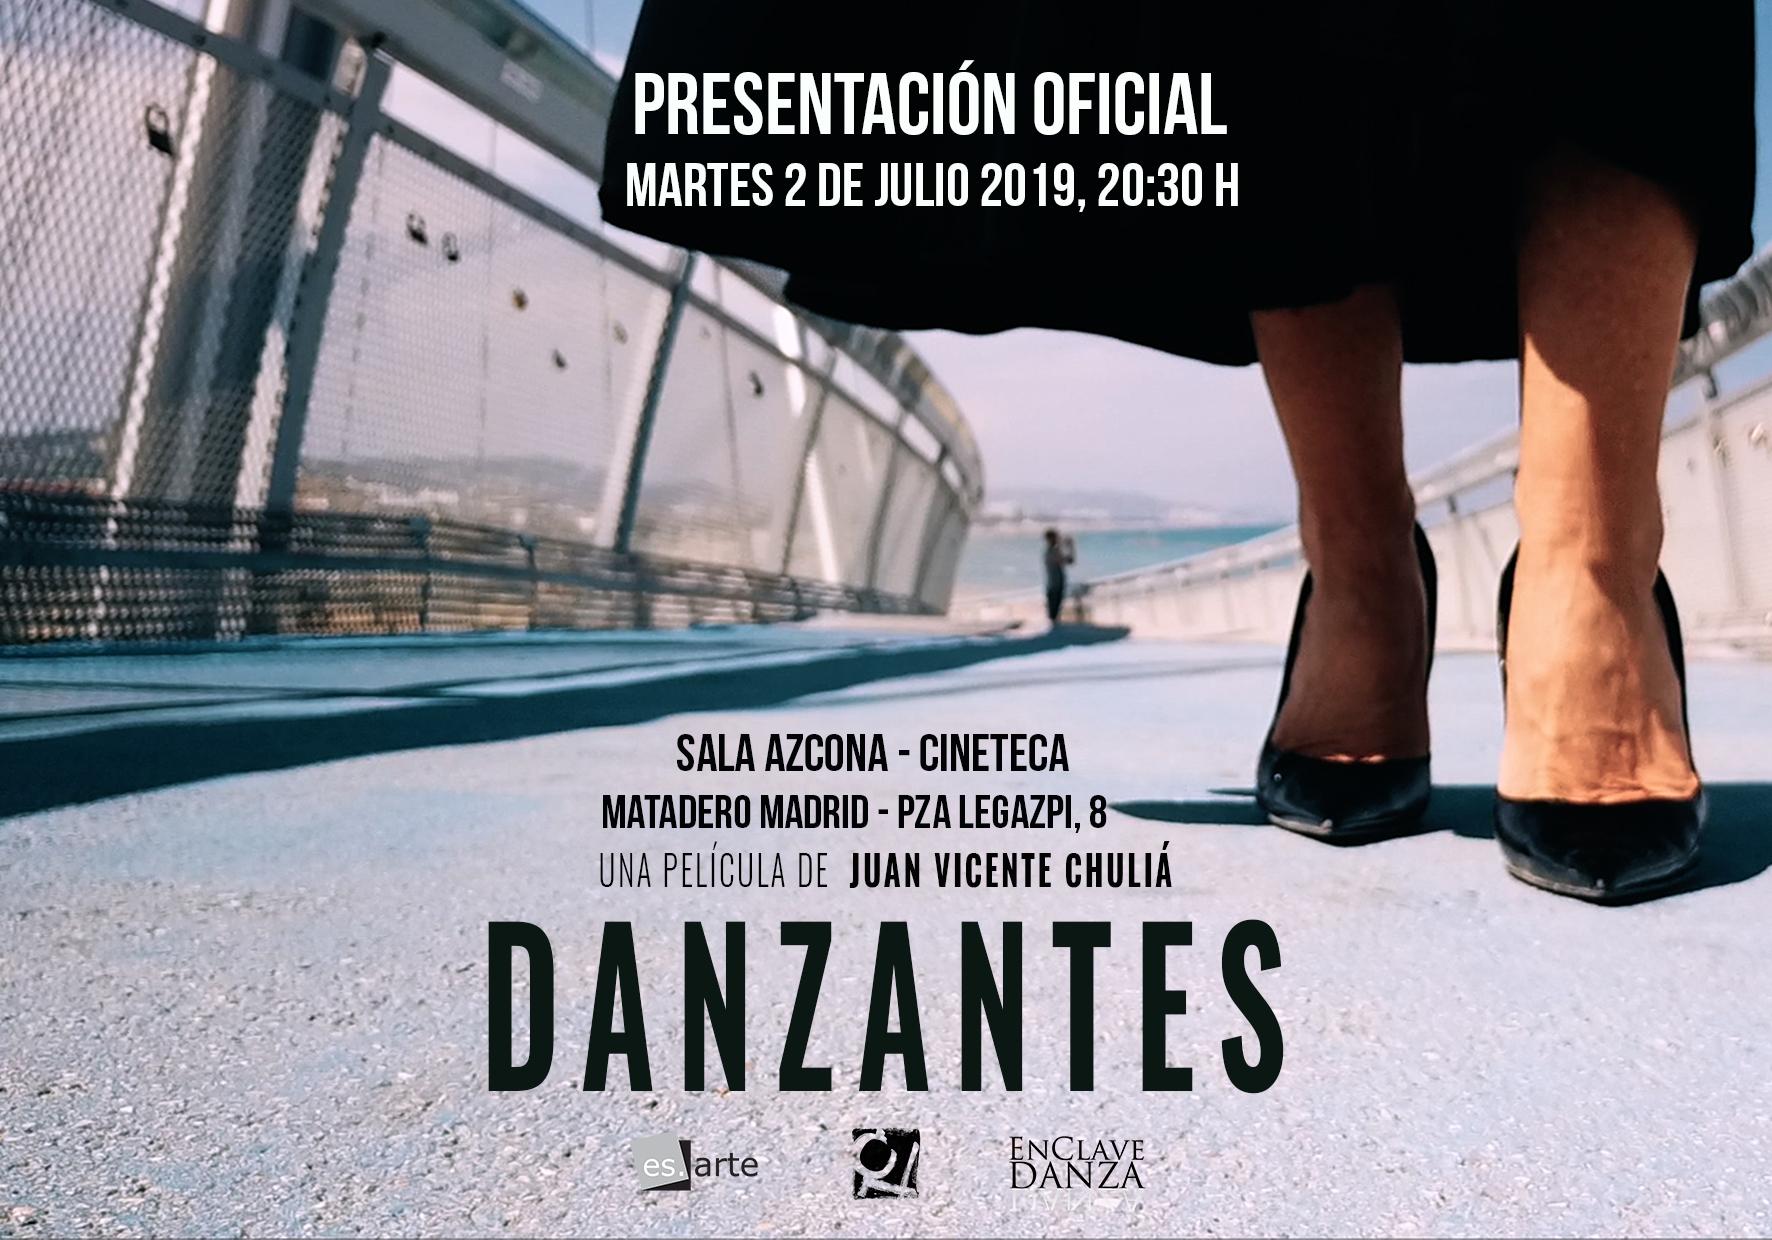 Danzantes: documental de Juan Vicente Chuliá con música de Paús, Román, Jusid, Talavera y Lázaro